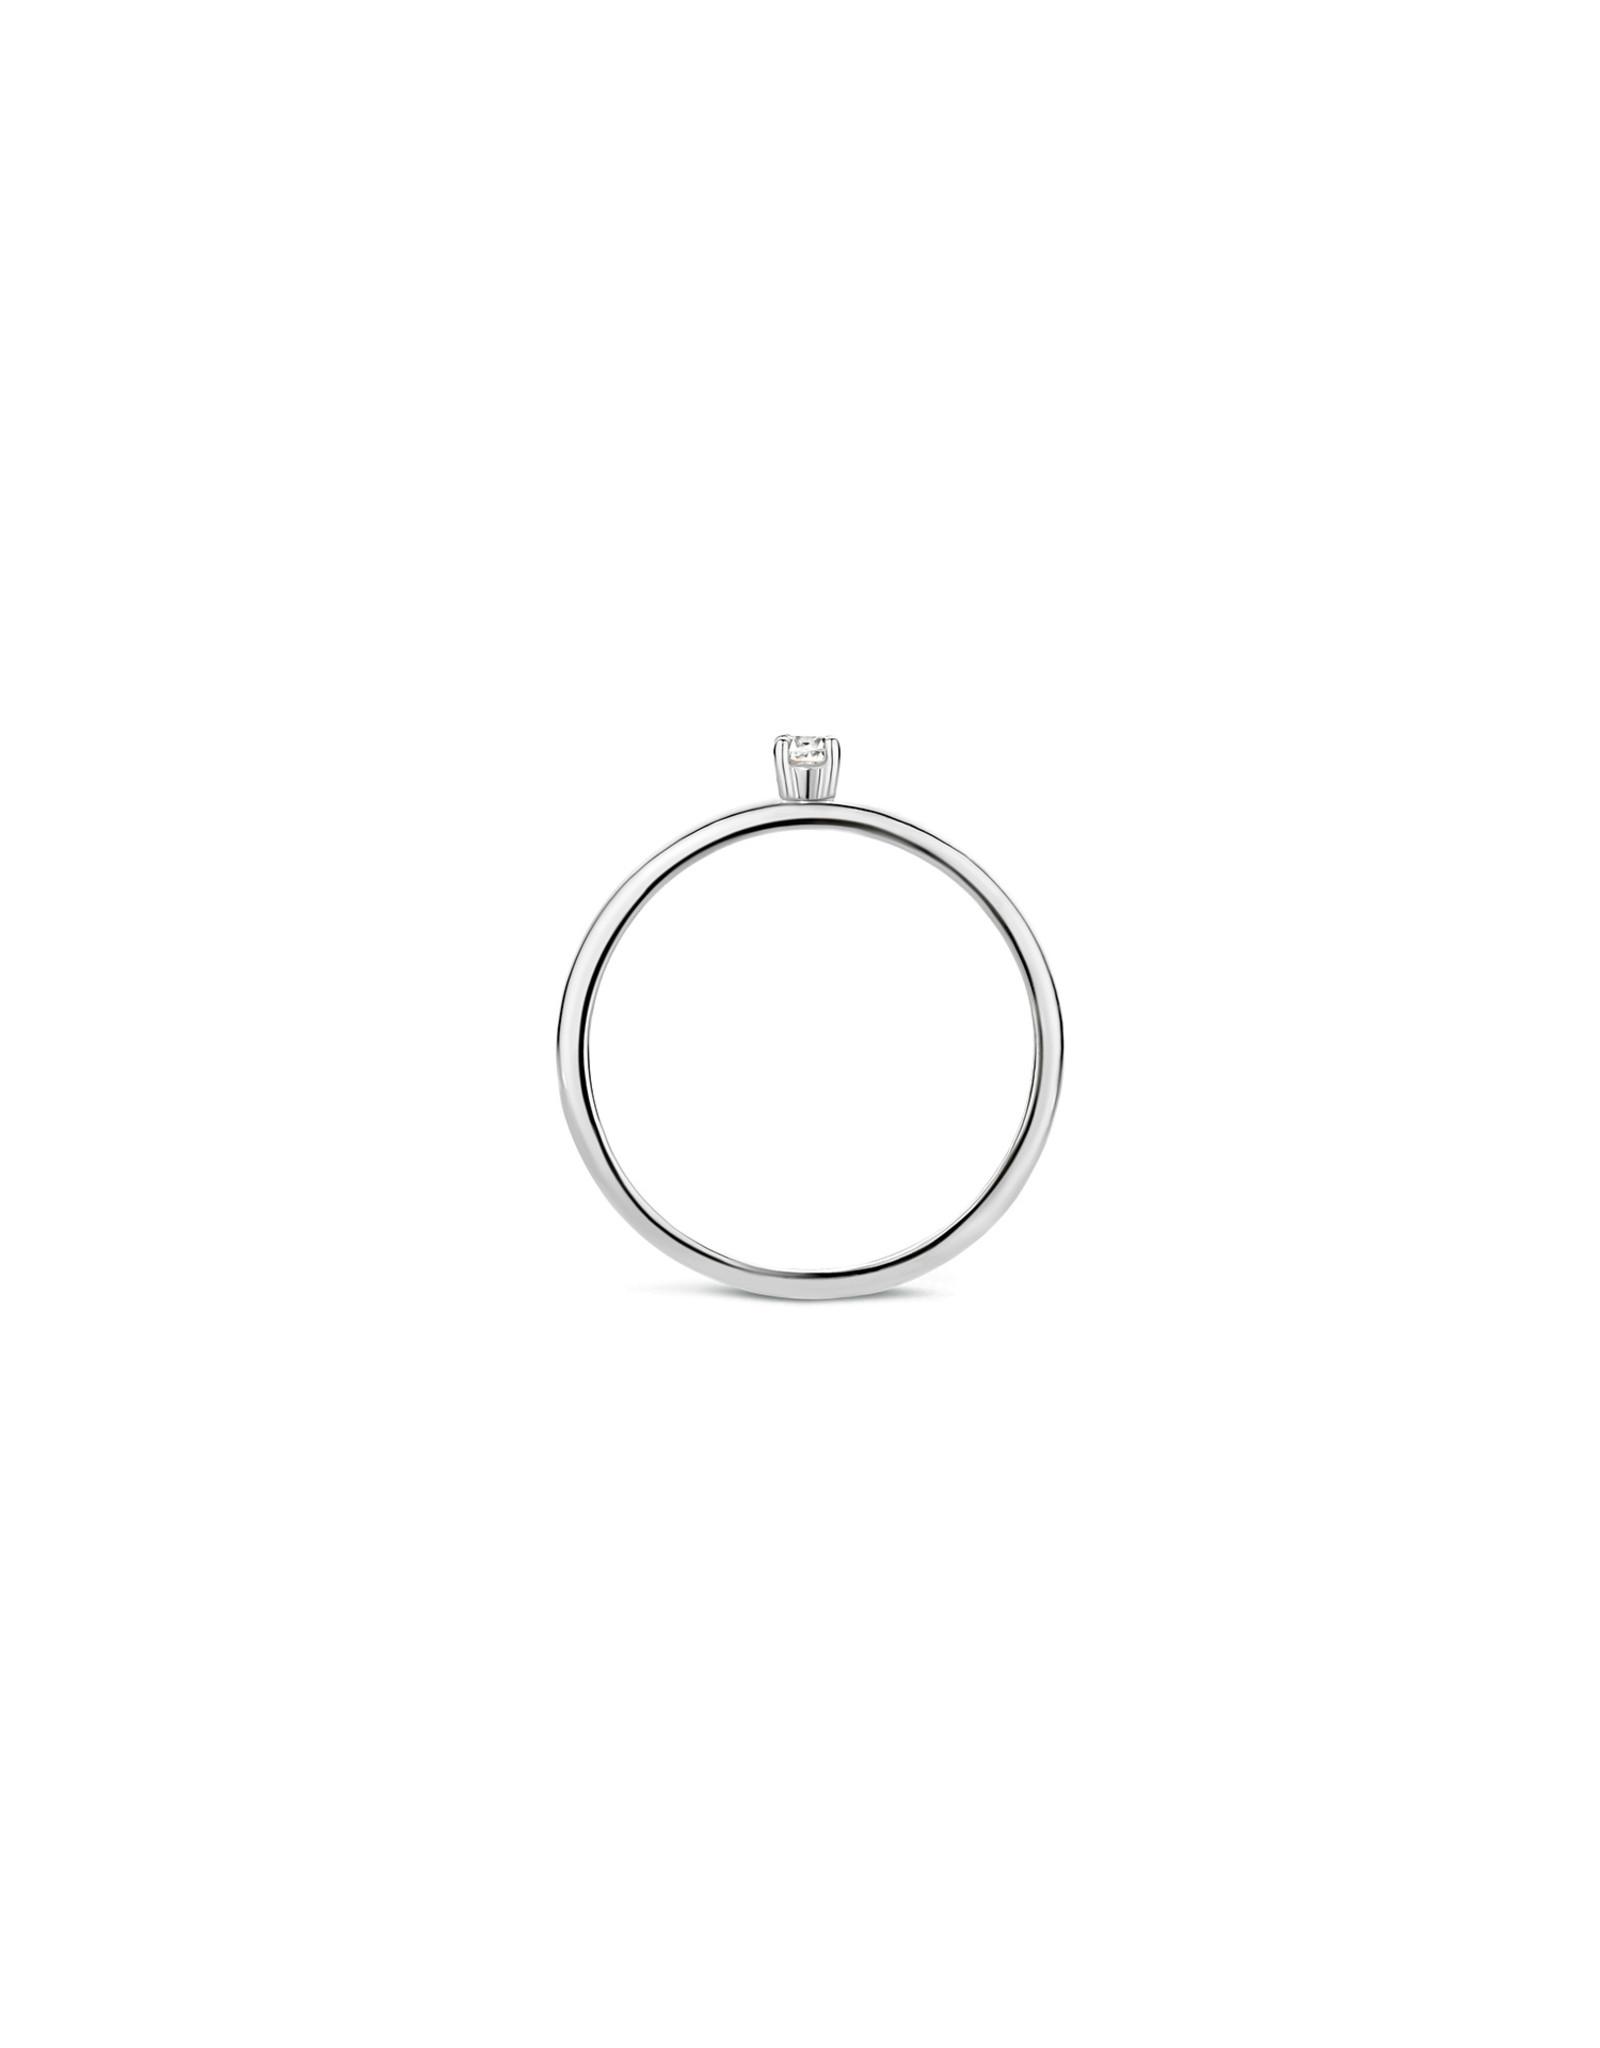 blush Ring Blush Wit Goud 14kt 1200WZI Zirkonium maat 52